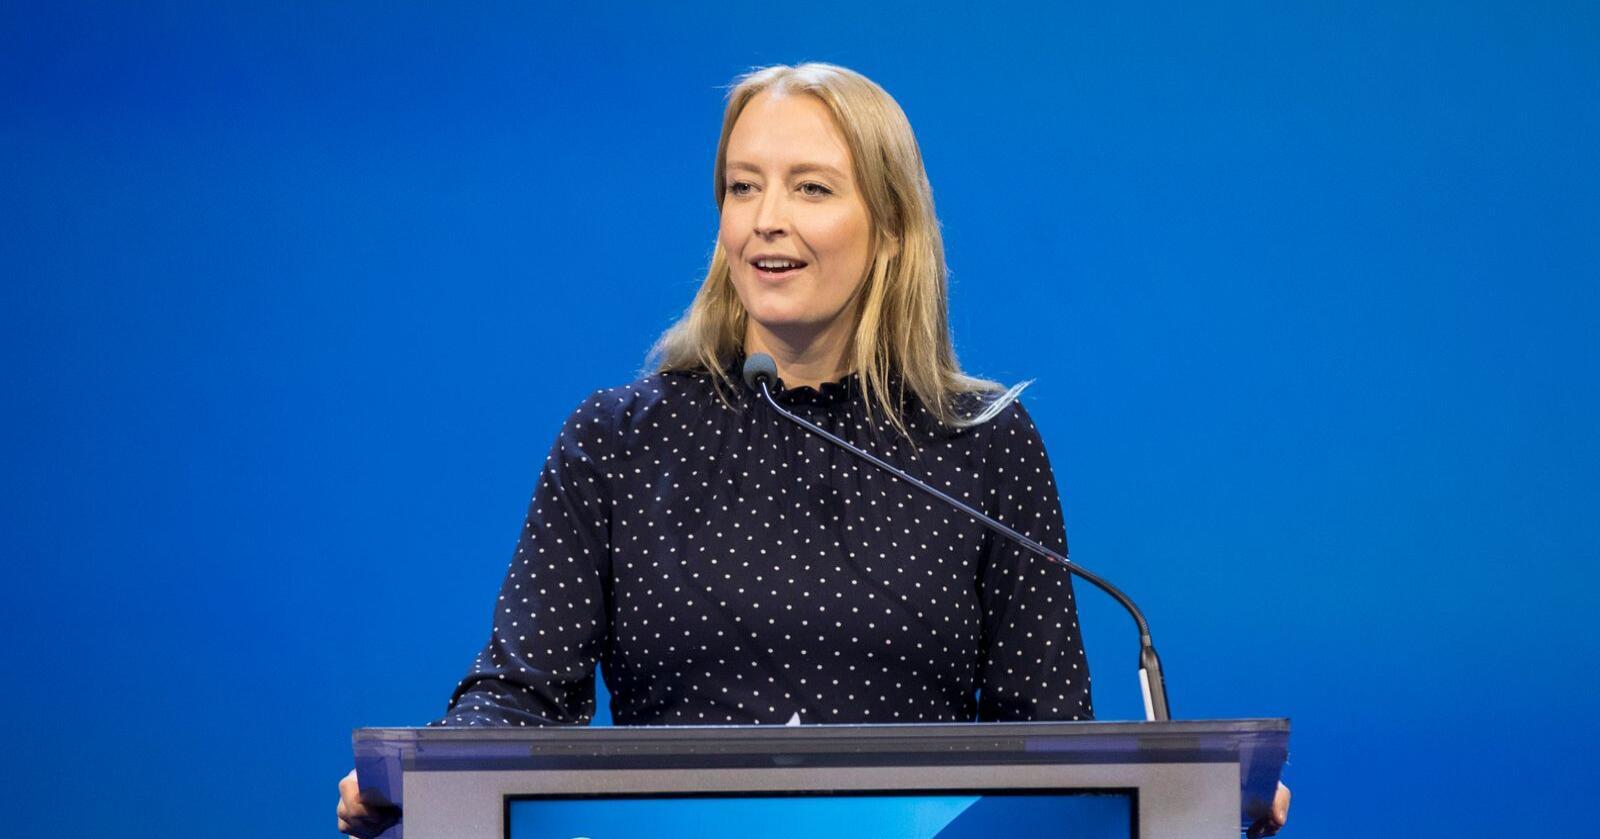 Unge Høyre-leder Sandra Bruflot sier det må settes i gang utbygging av vindkraft. Foto: Vidar Ruud / NTB scanpix